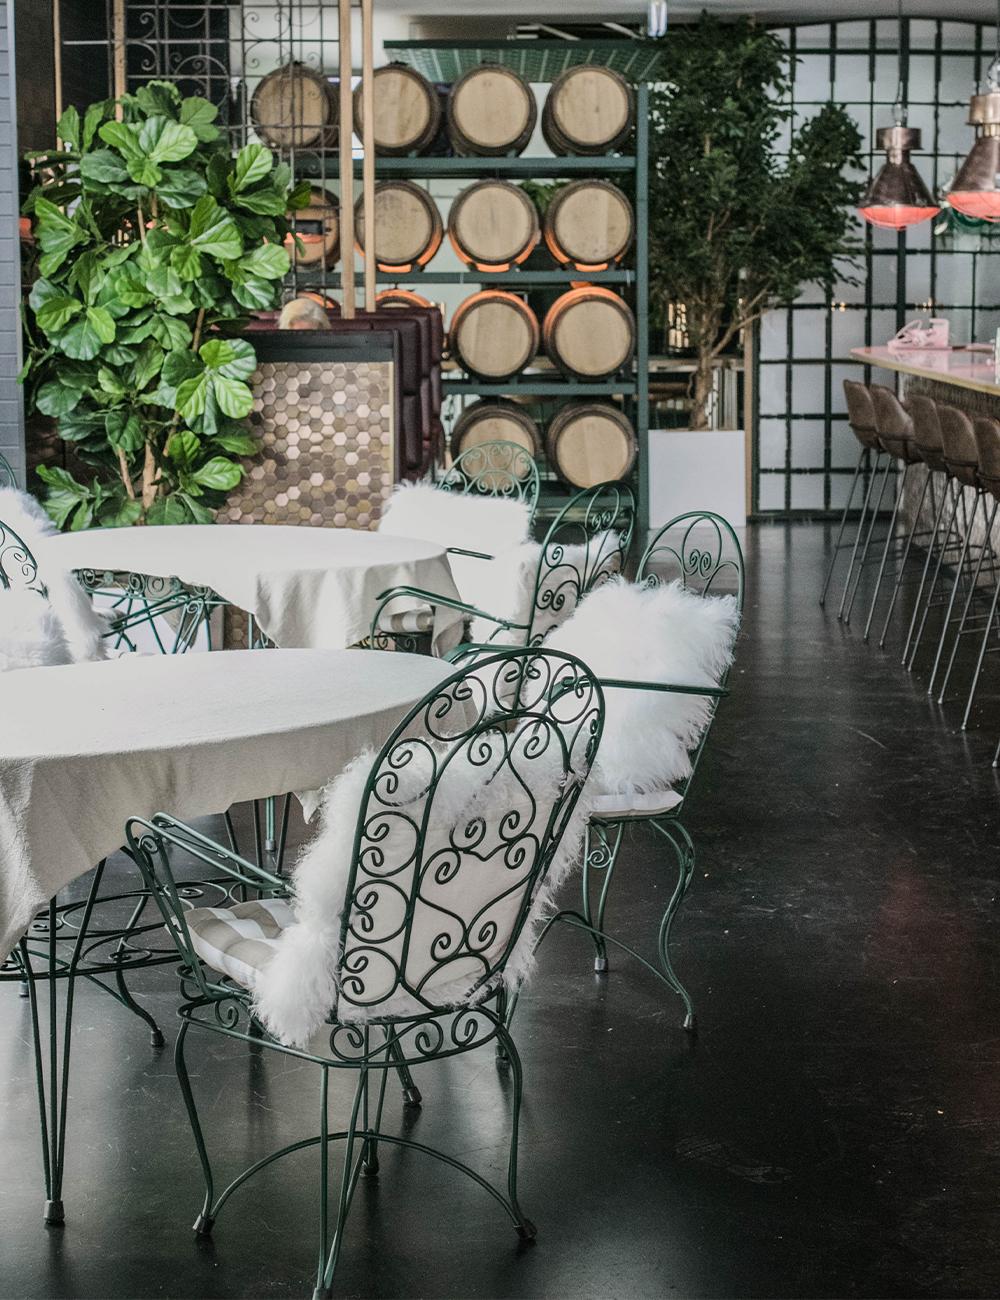 Tables inside the bar